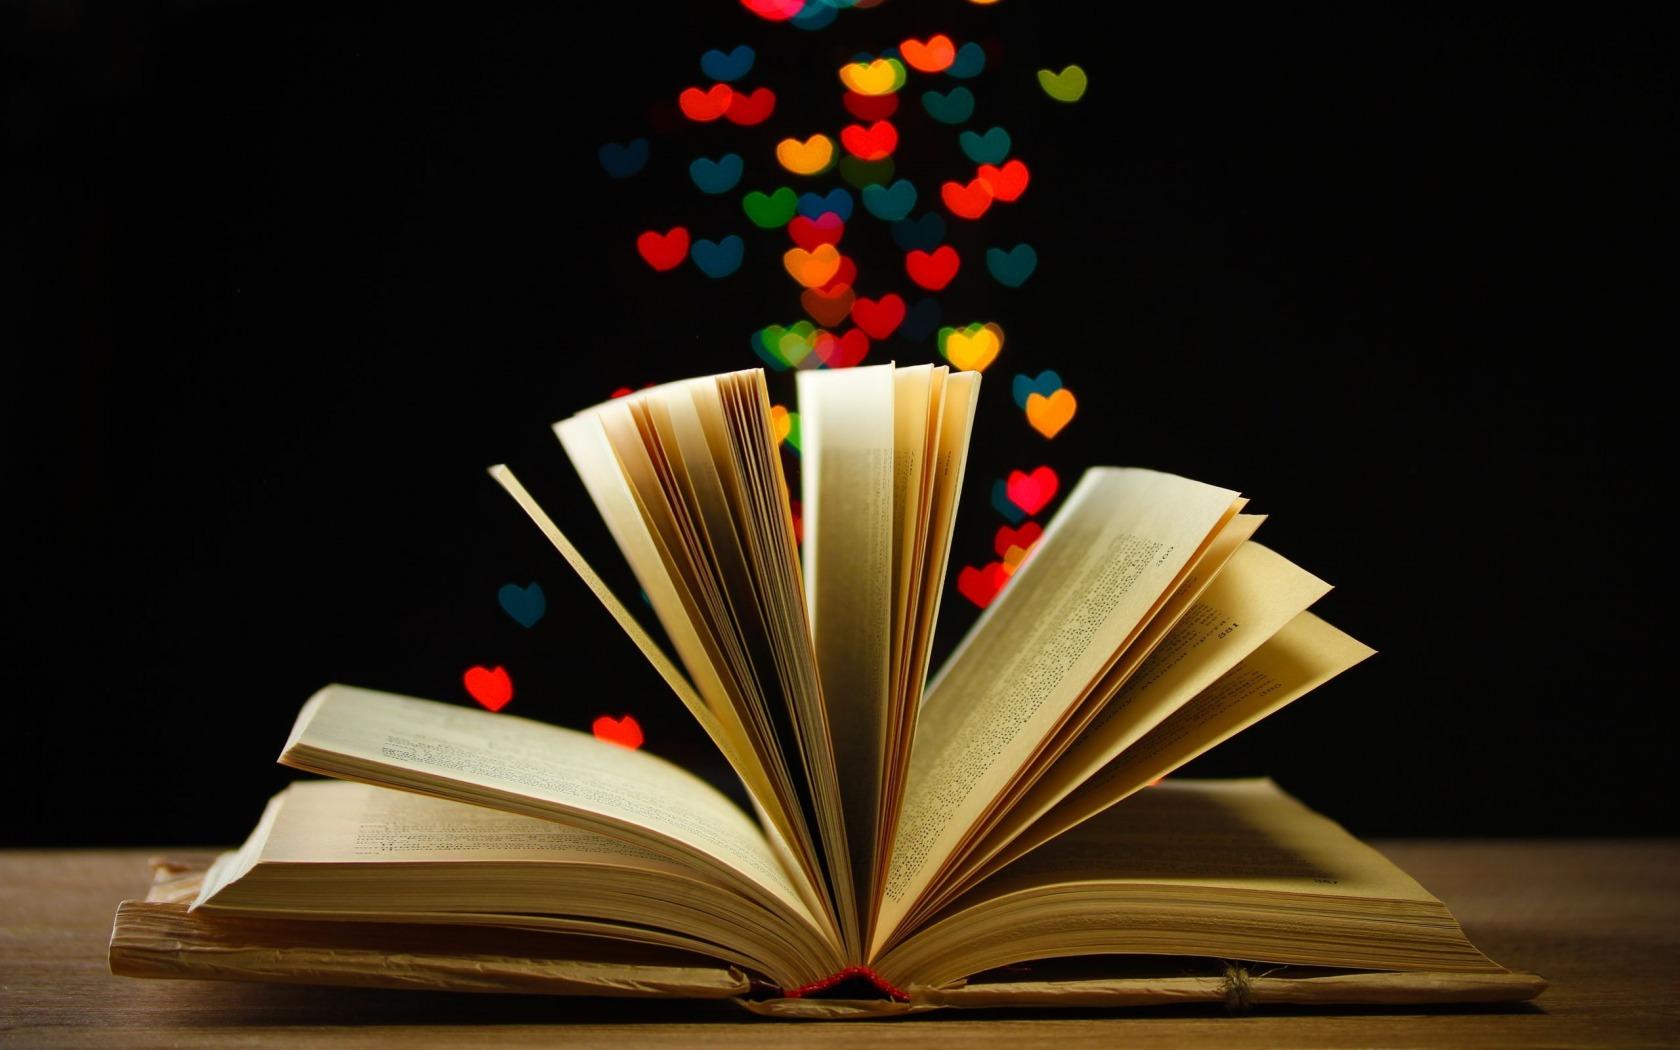 Cinque libri con protagonisti asessuali